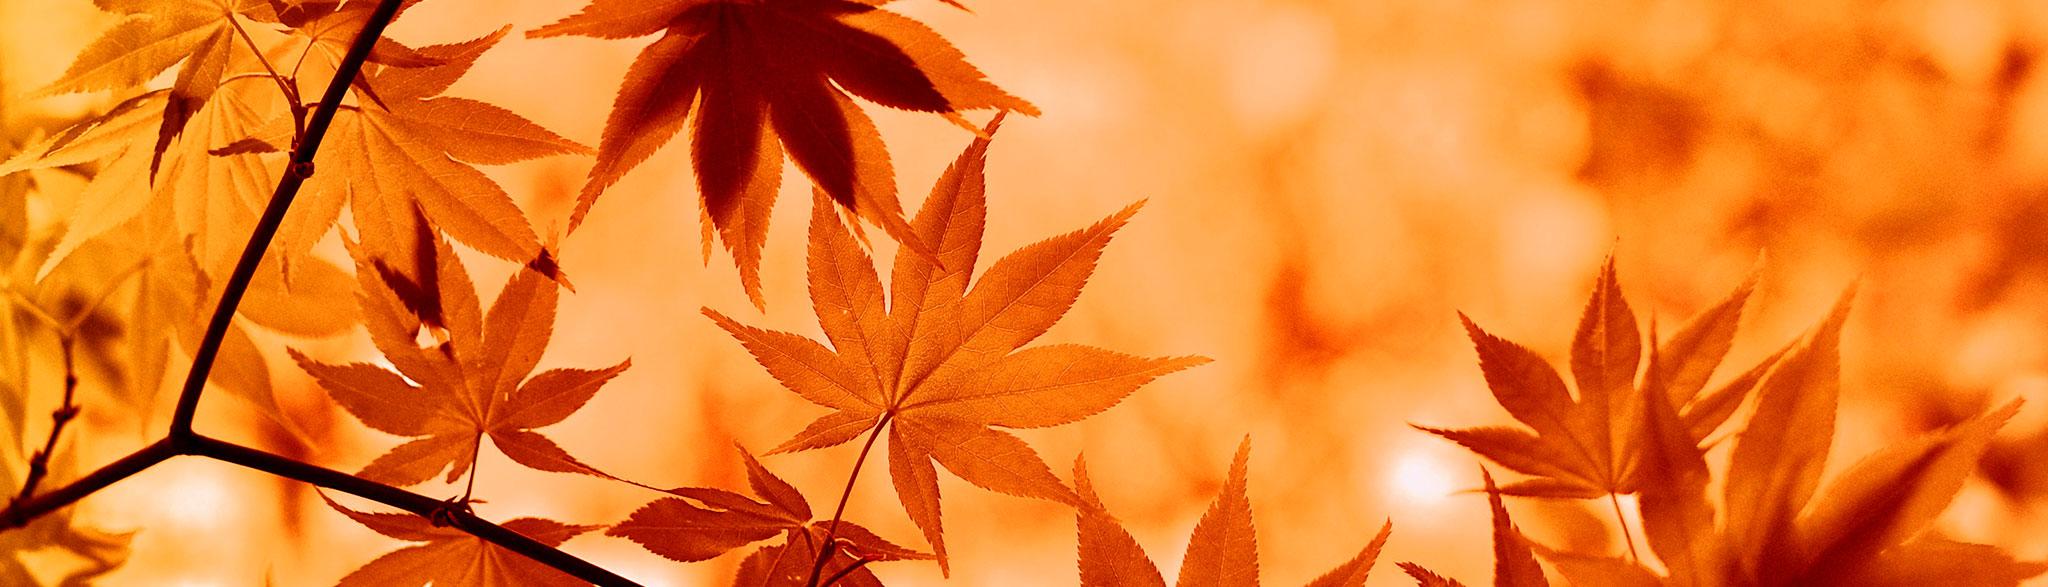 Taller de otoño